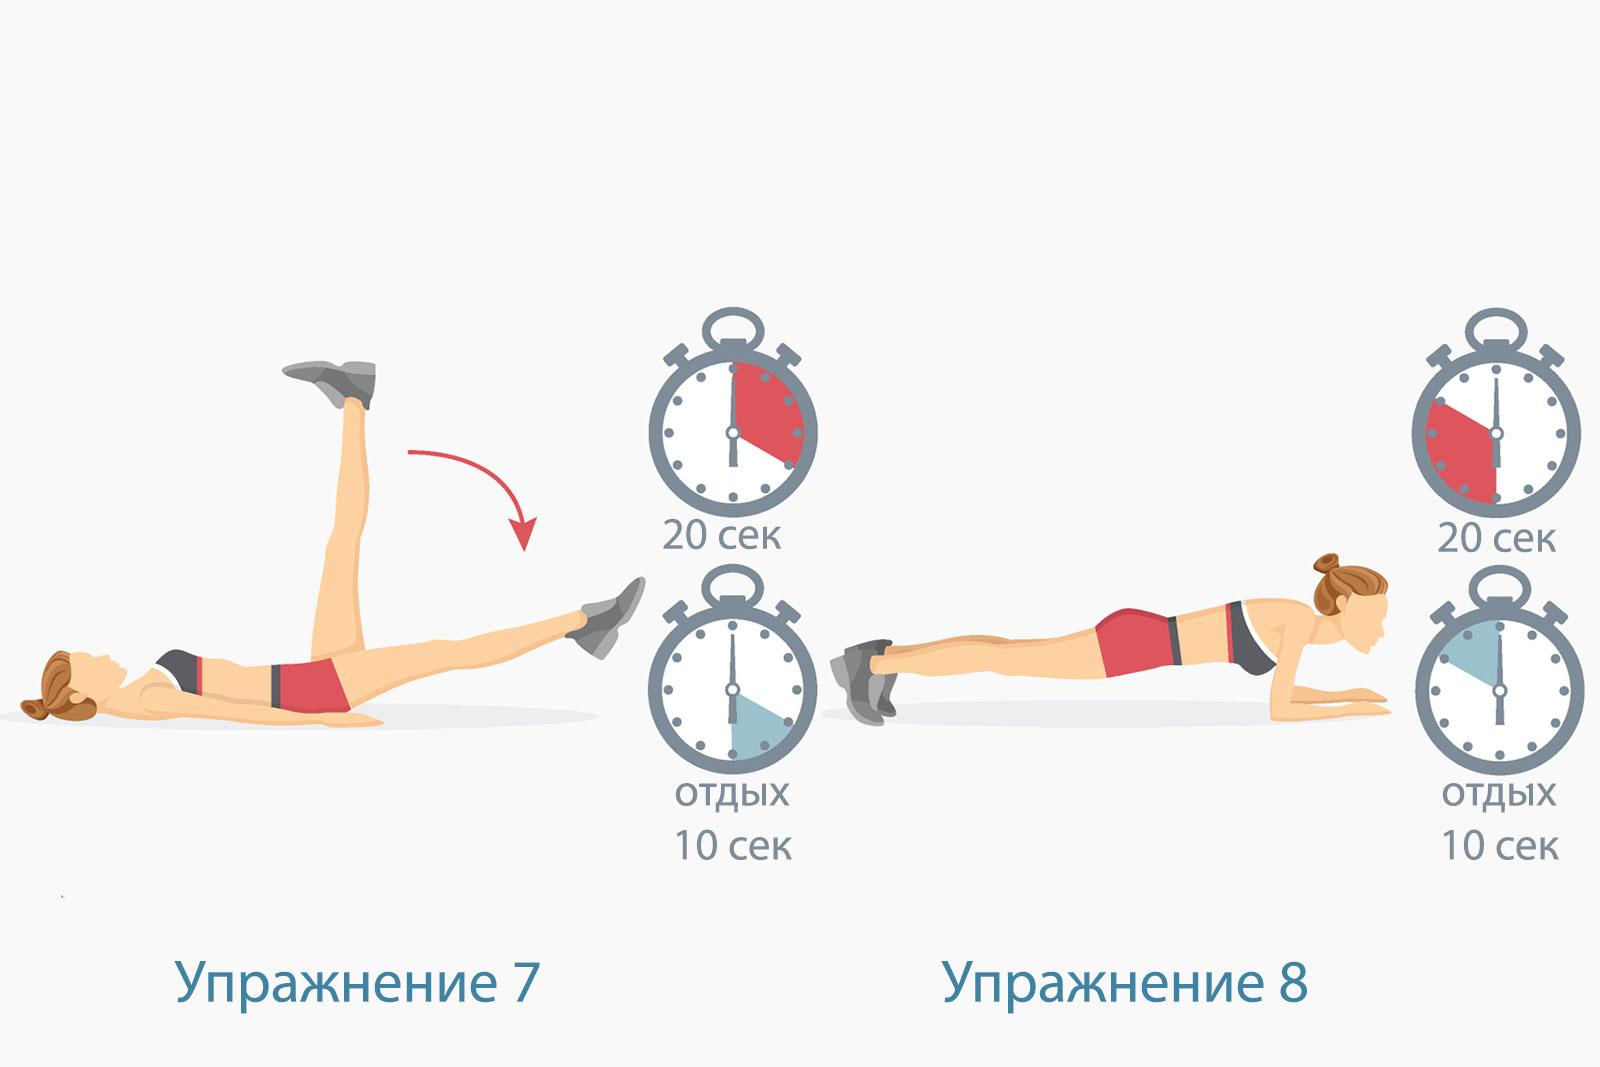 Программа тренировок Табата —упражнение 4